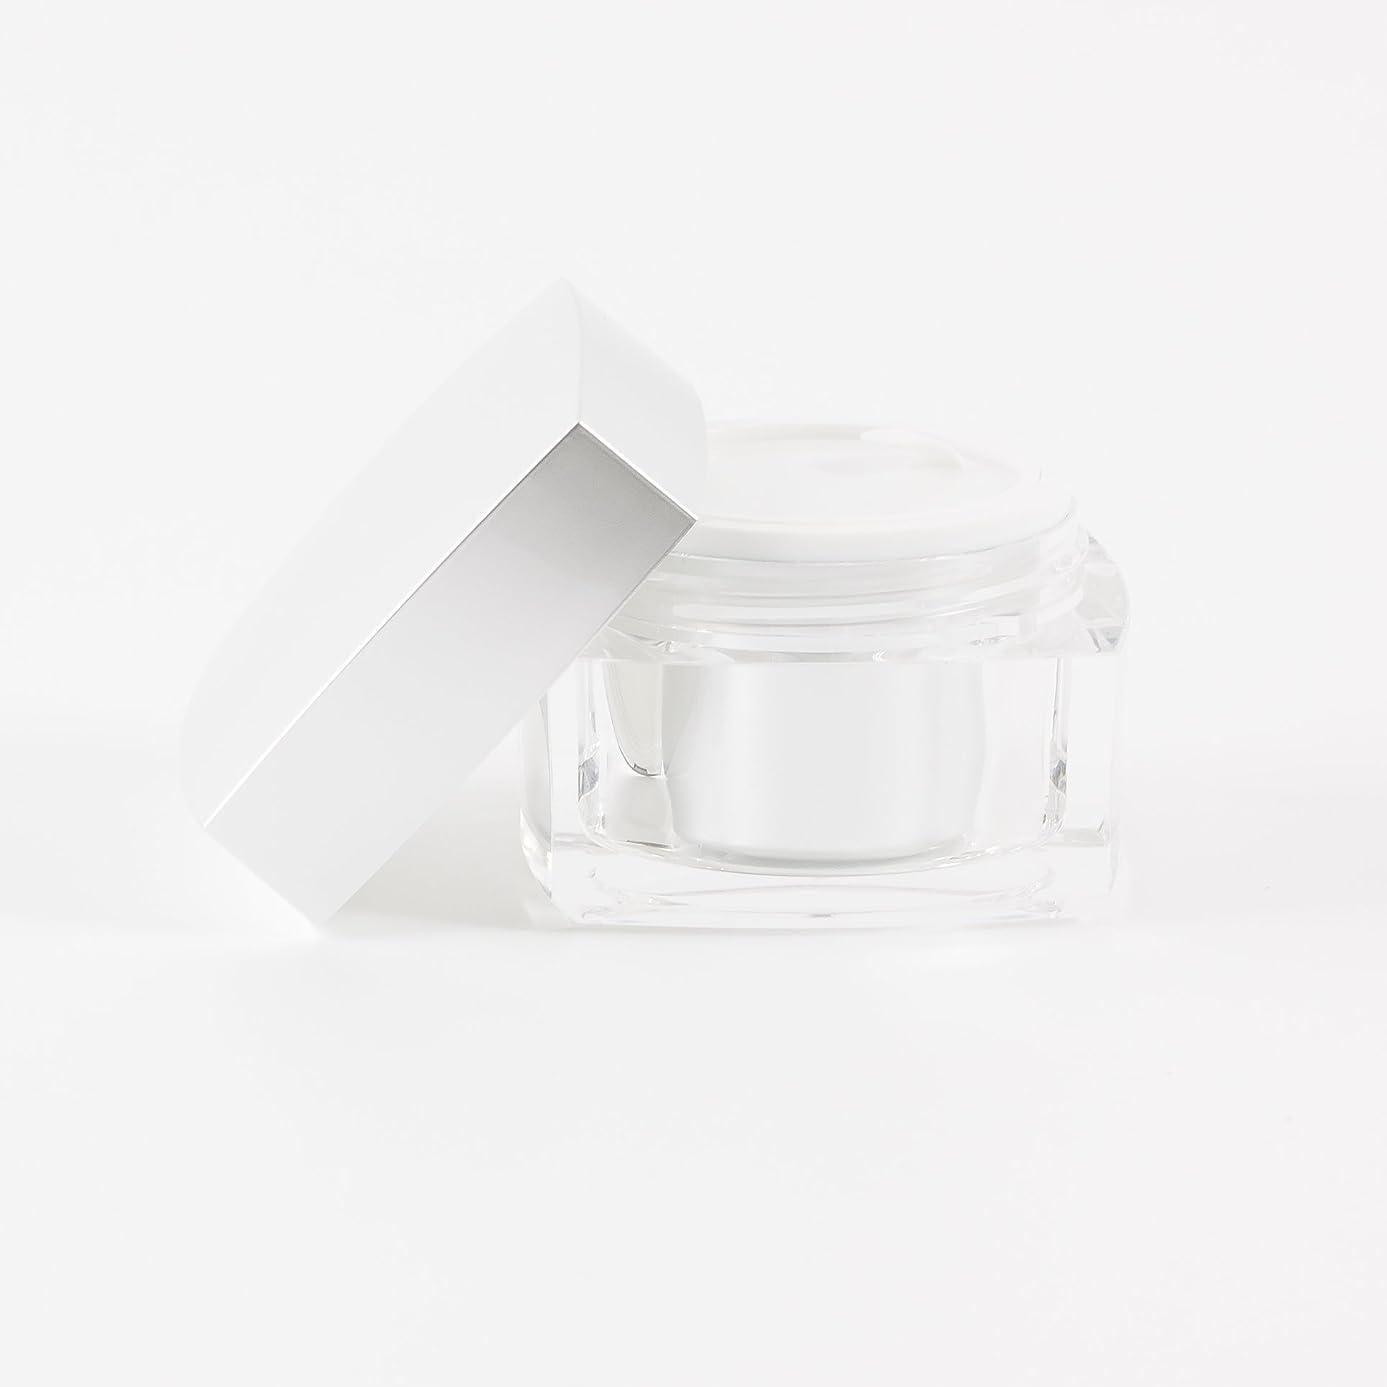 ばかファシズム航海Verve Acrylic Jar Silver 50ml x 10